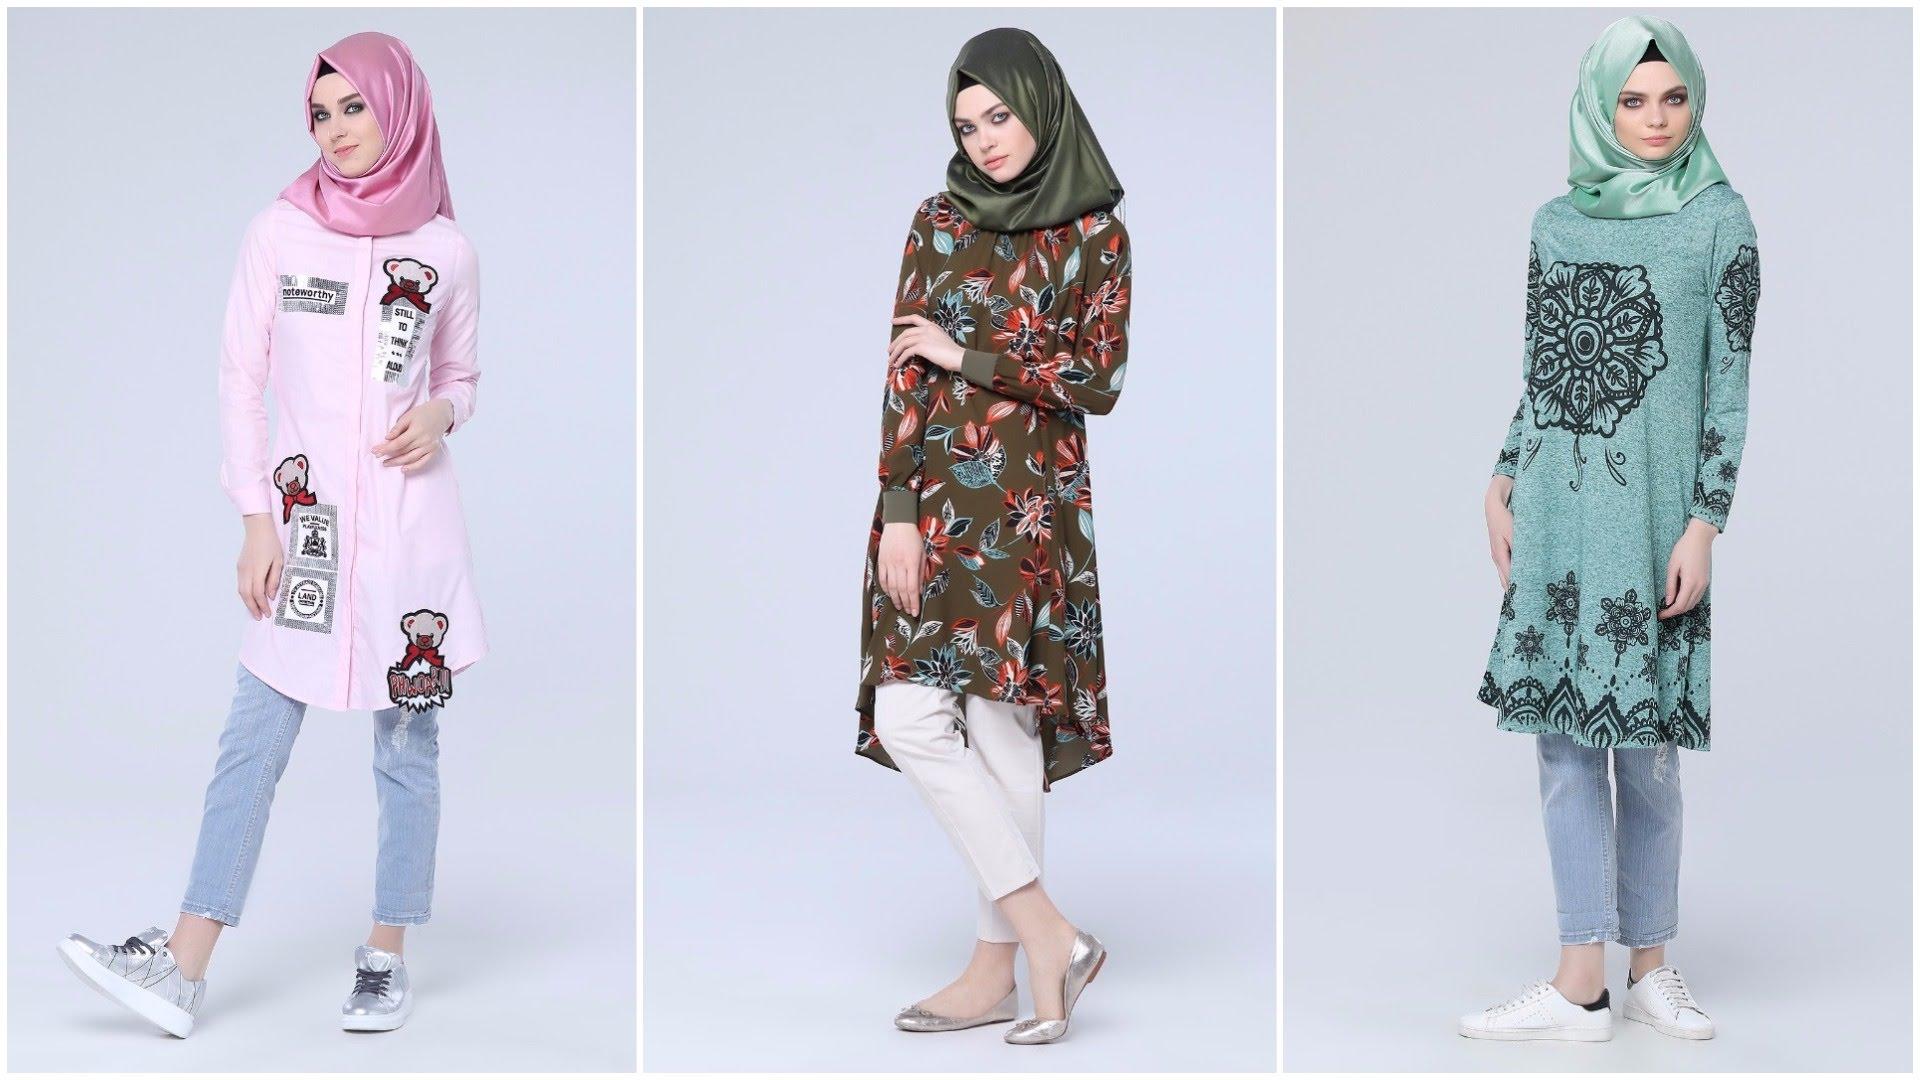 بالصور ملابس العيد , اجمل ملابس العيد 6247 5